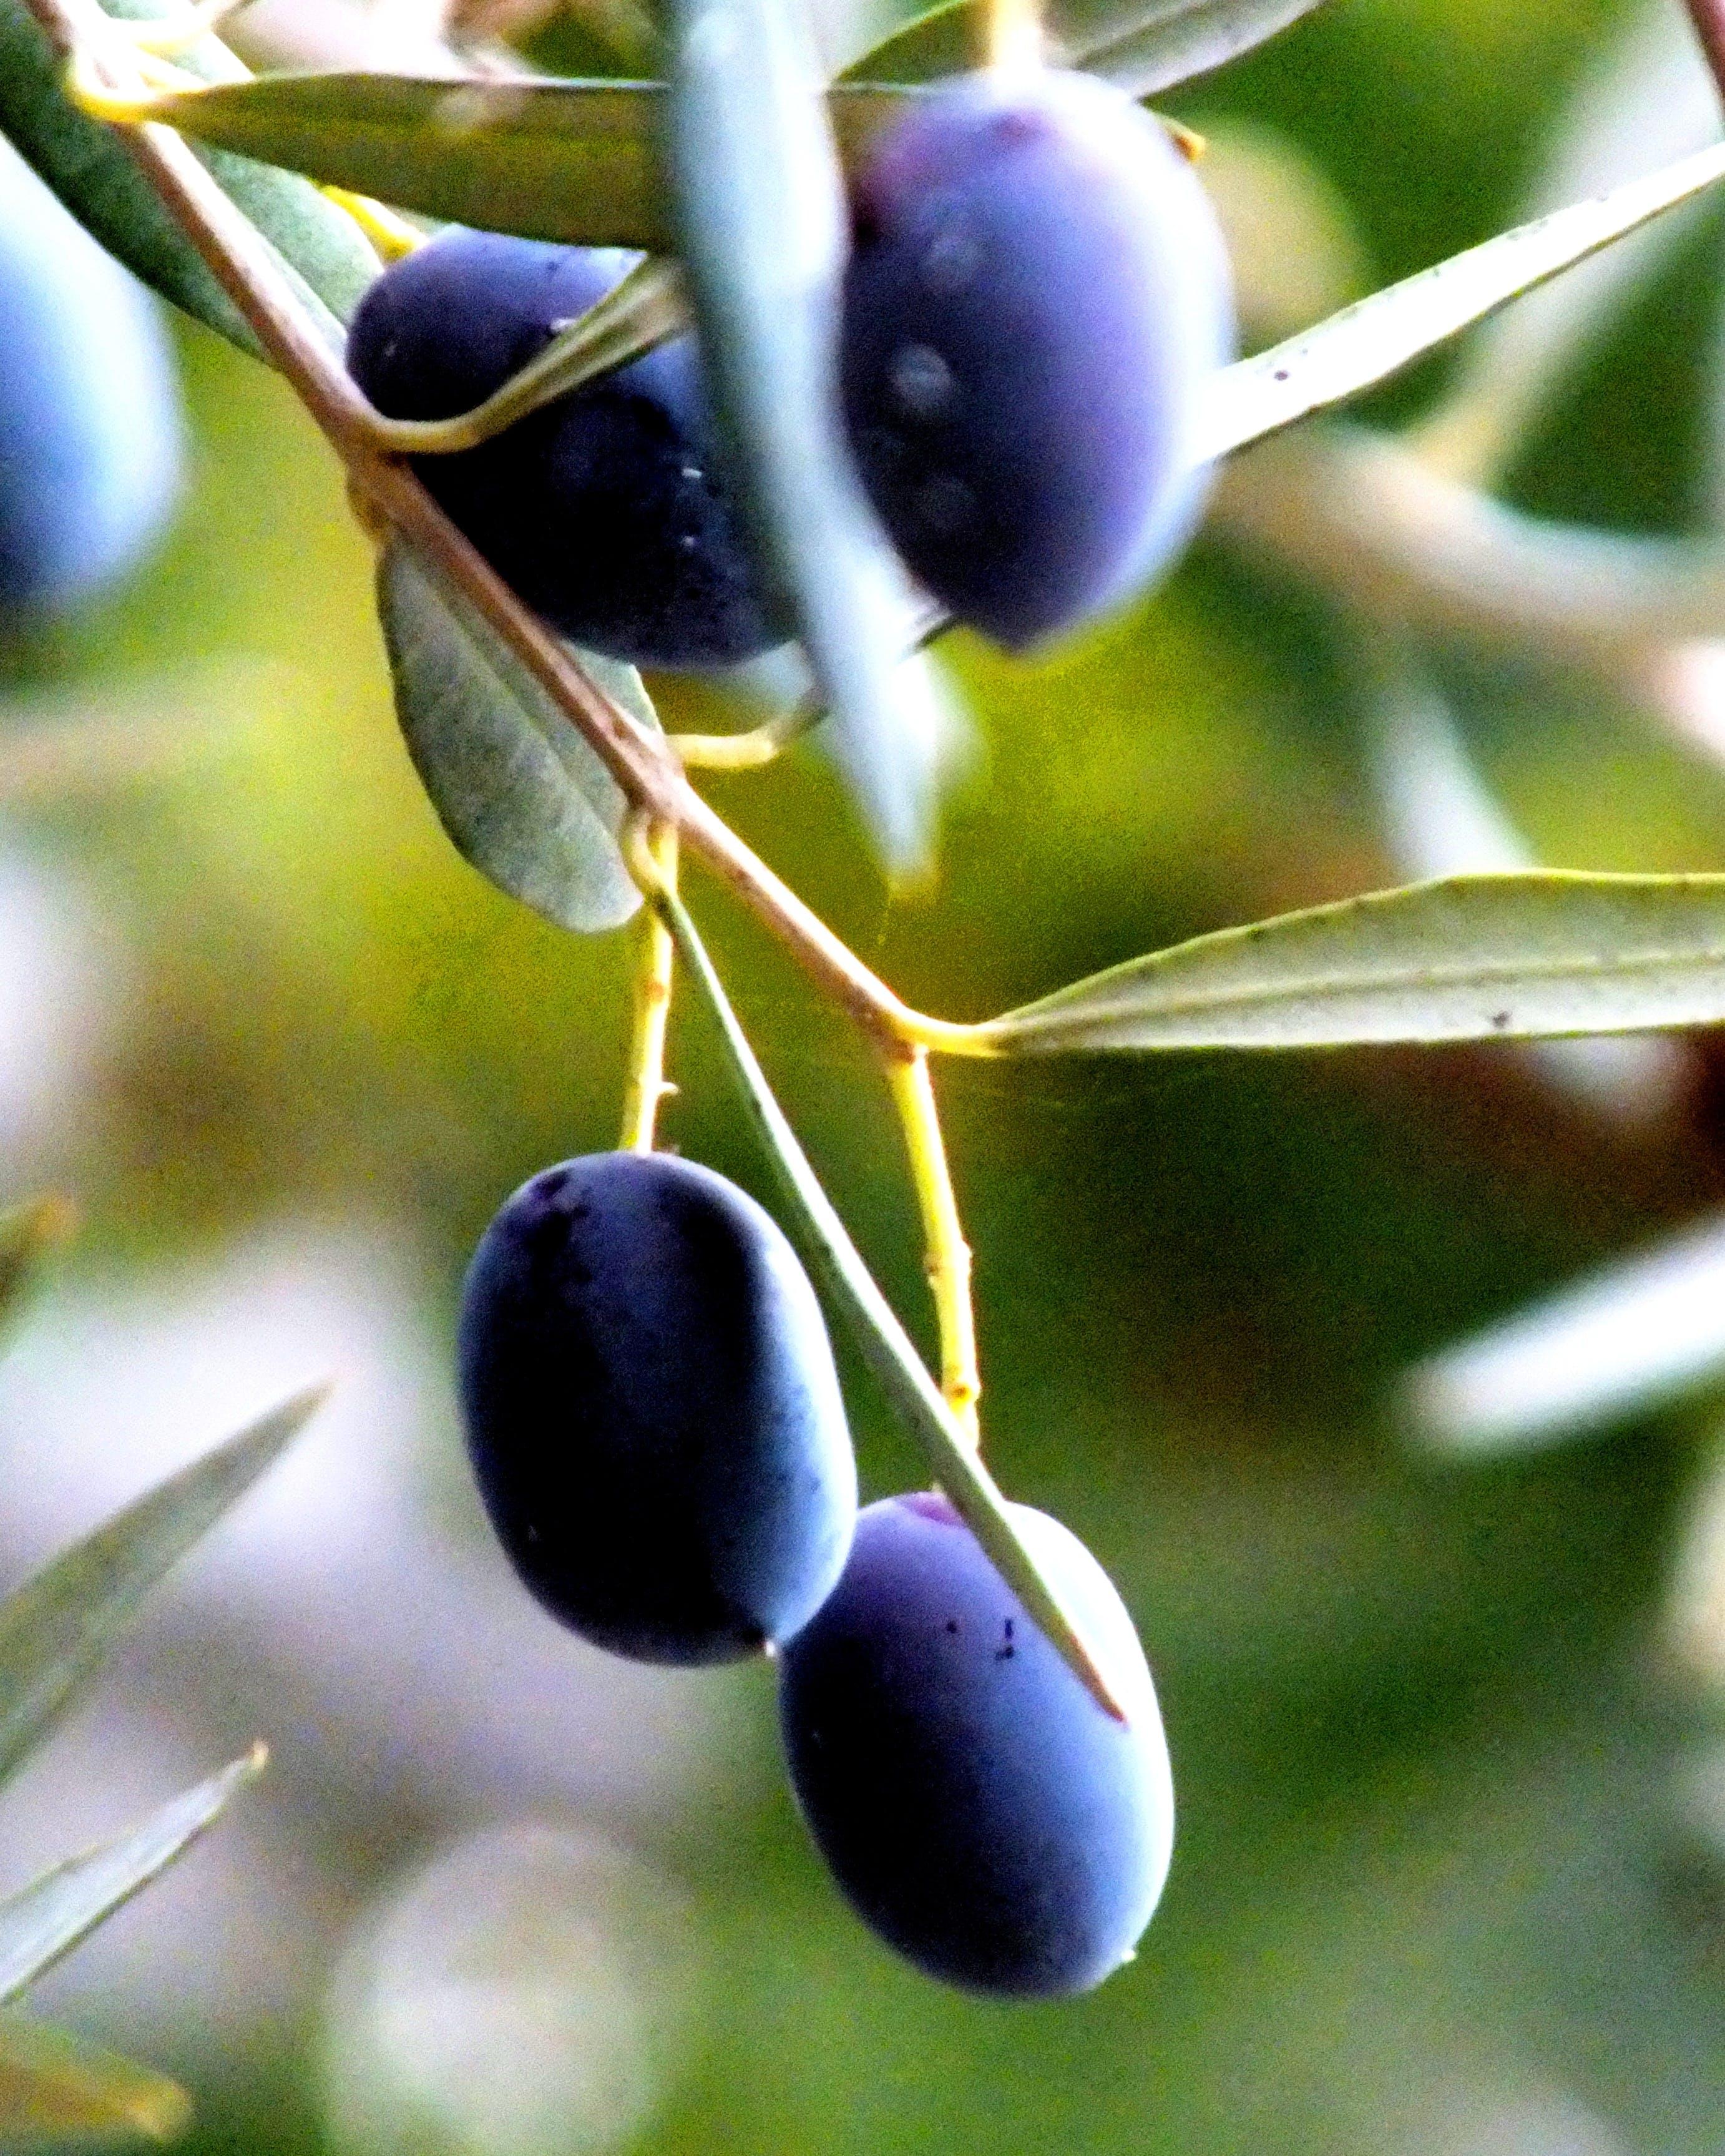 Free stock photo of black olive, black olives, olive, olive branch